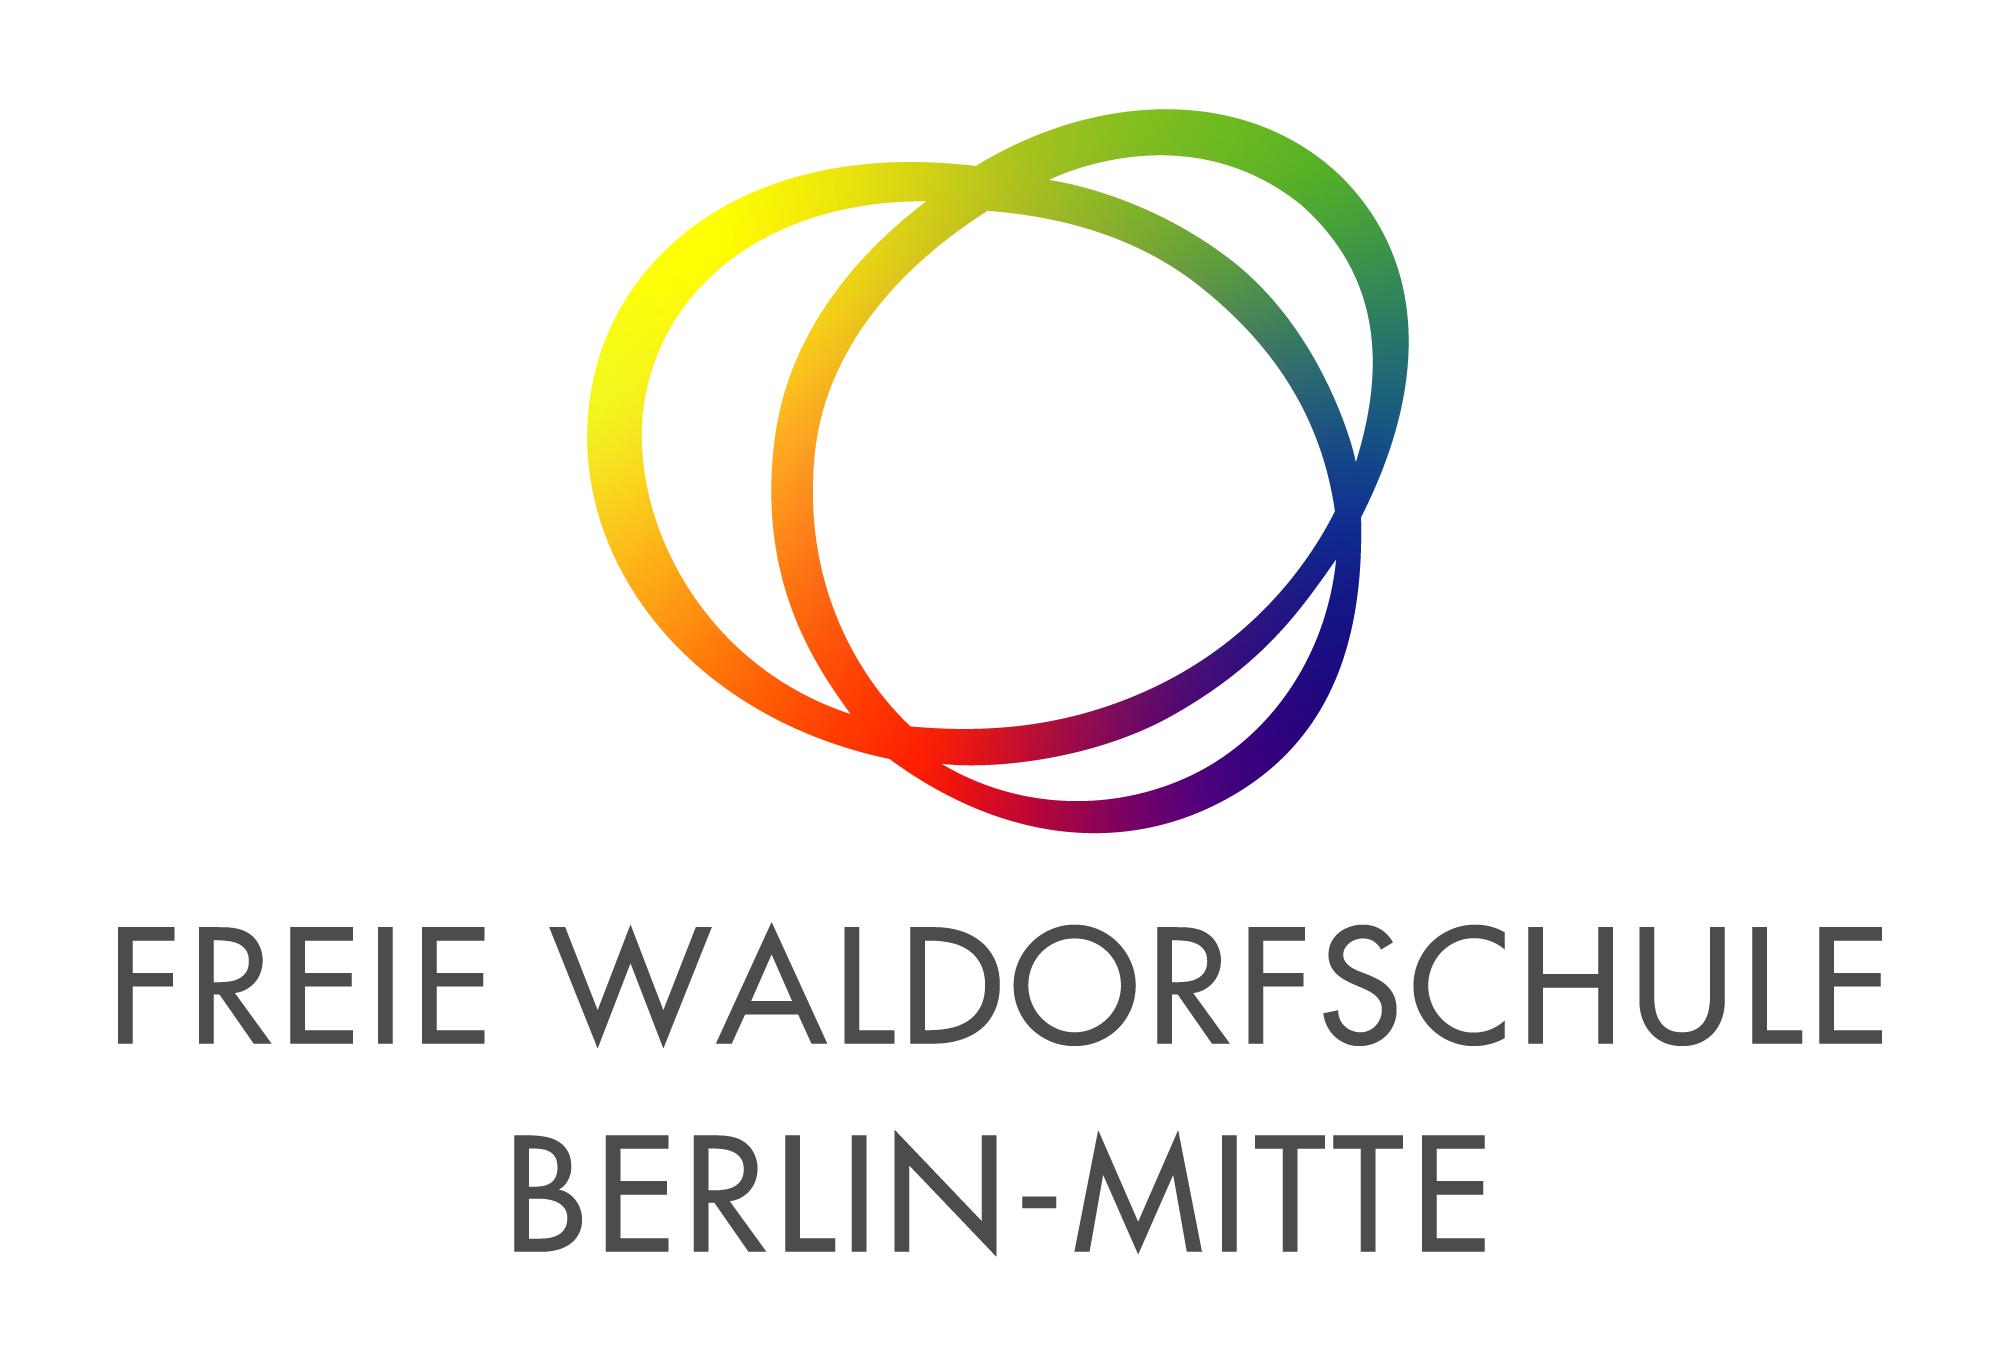 Oberstufenlehrer (m/w/d) für Biologie und/oder Chemie - Freie Waldorfschule Berlin-Mitte e.V. - Logo